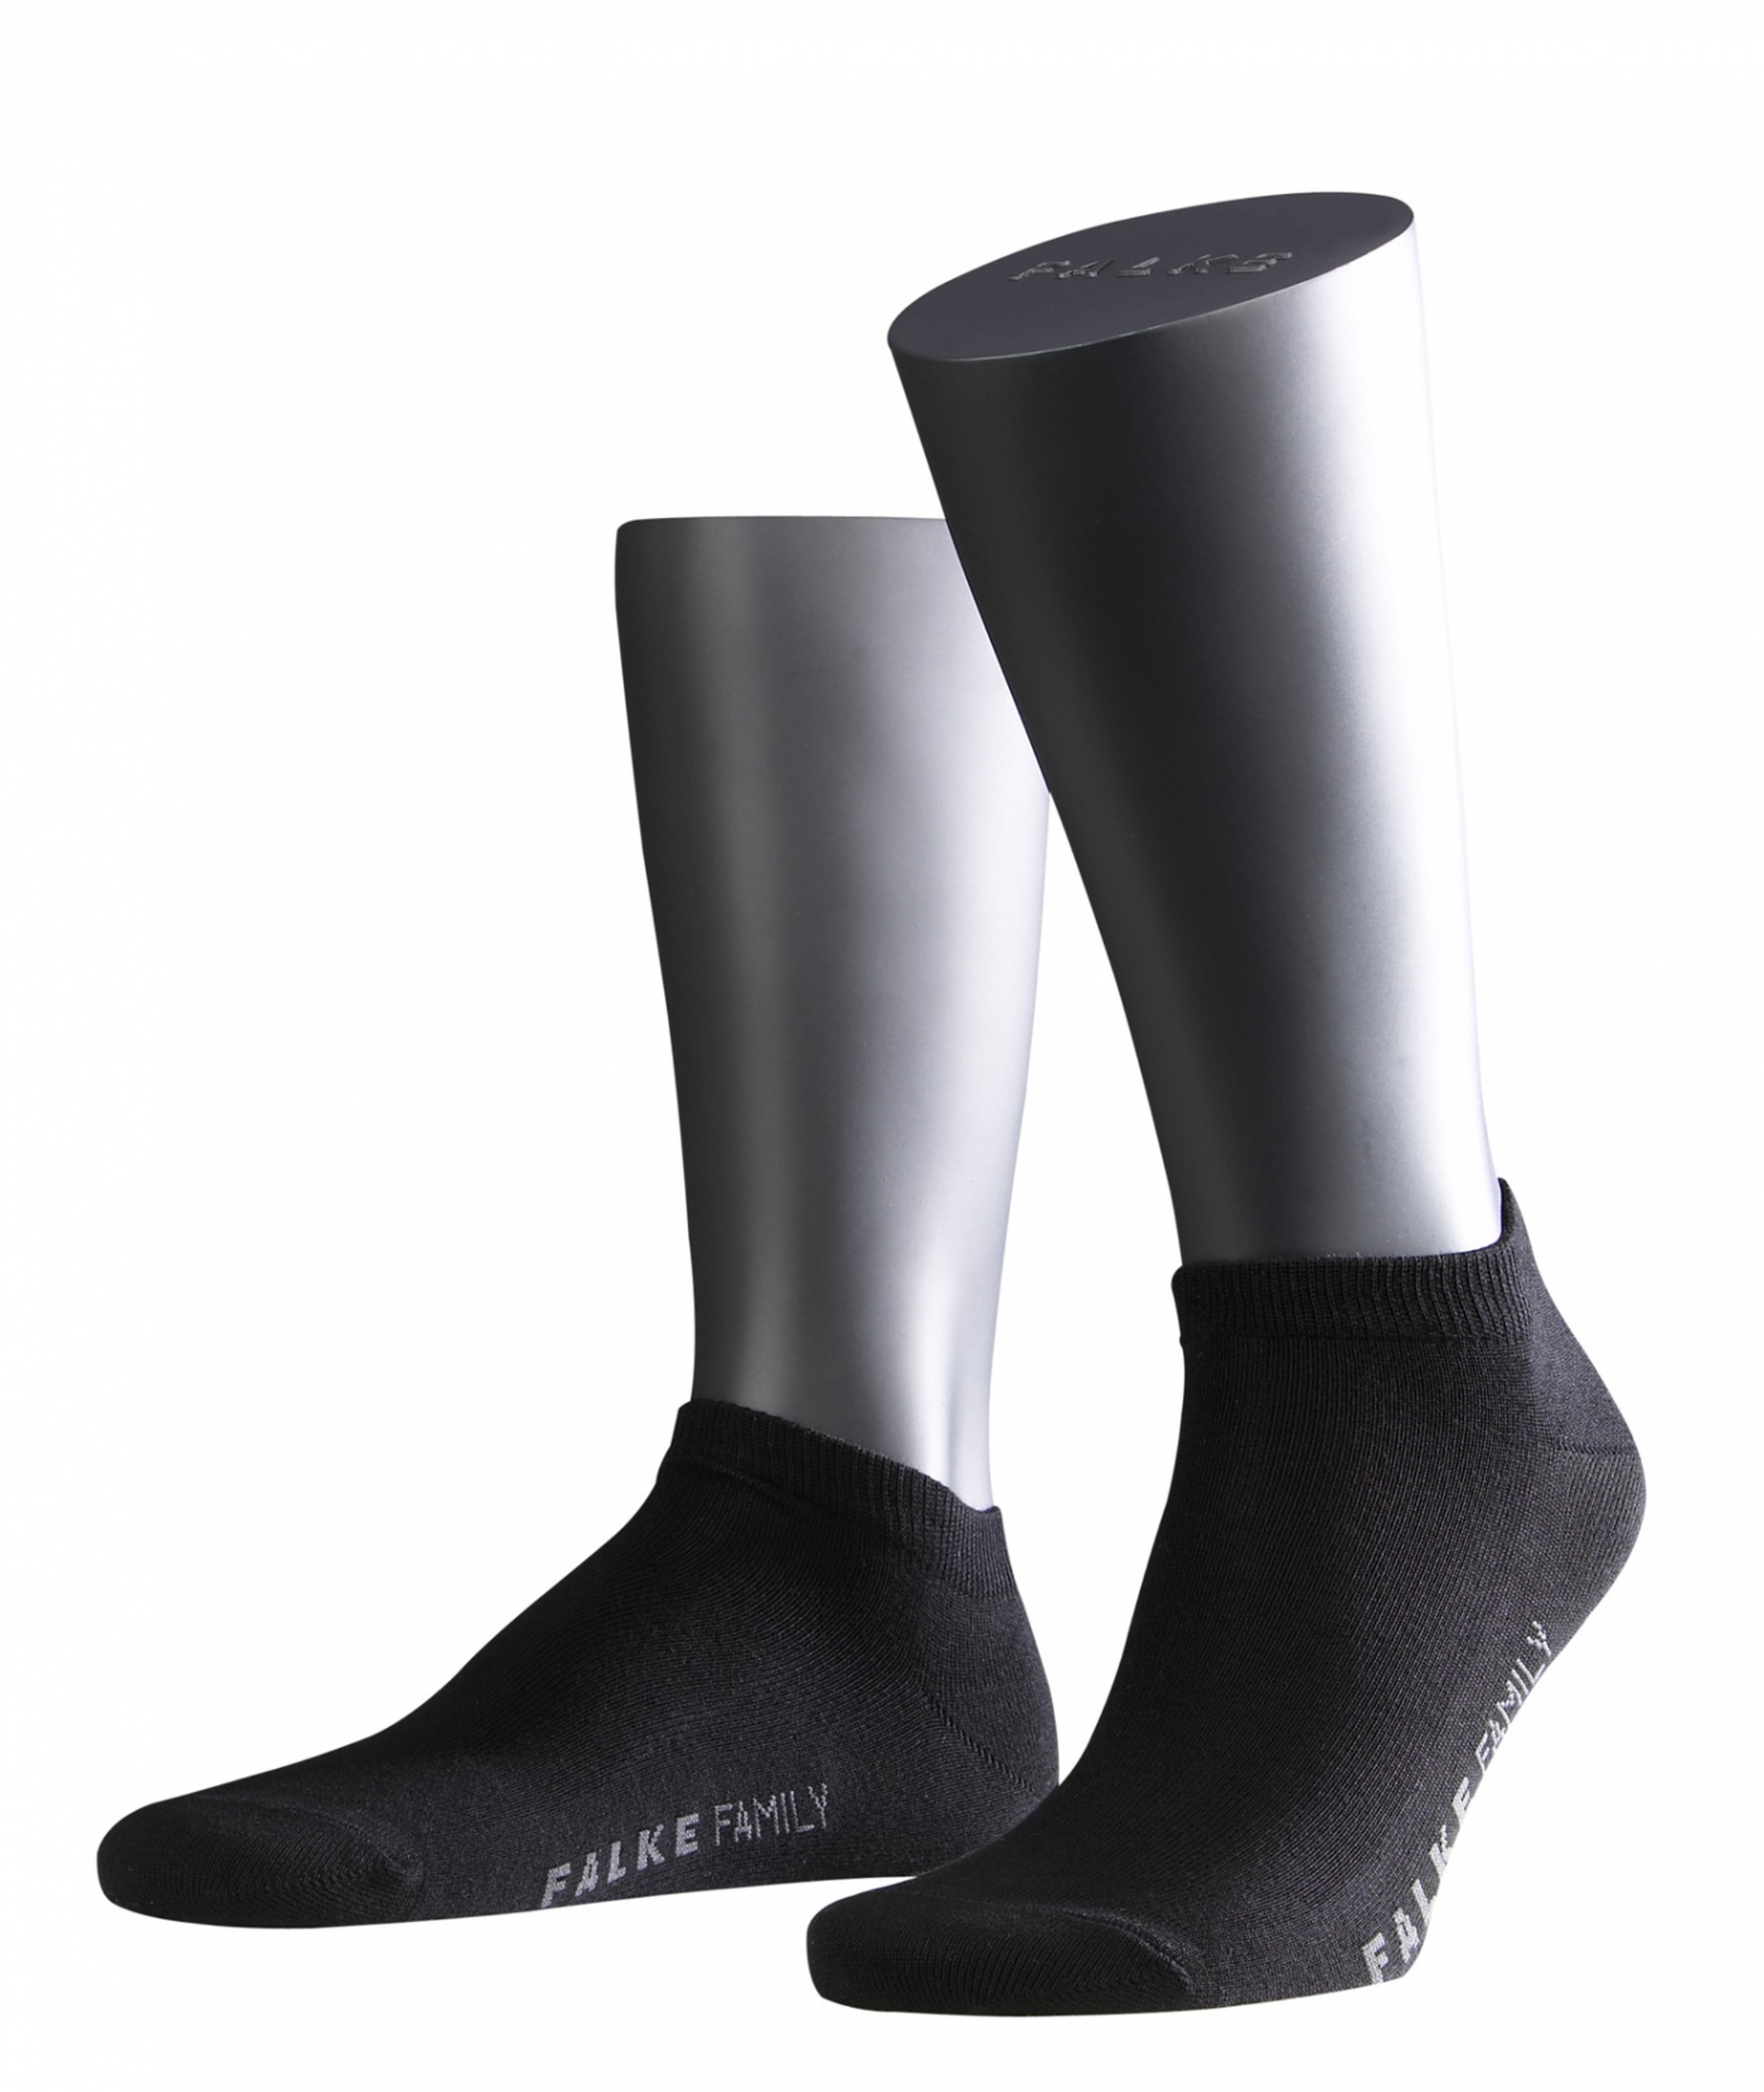 FALKE Family Sneaker Socken Schwarz 3000 foto 0